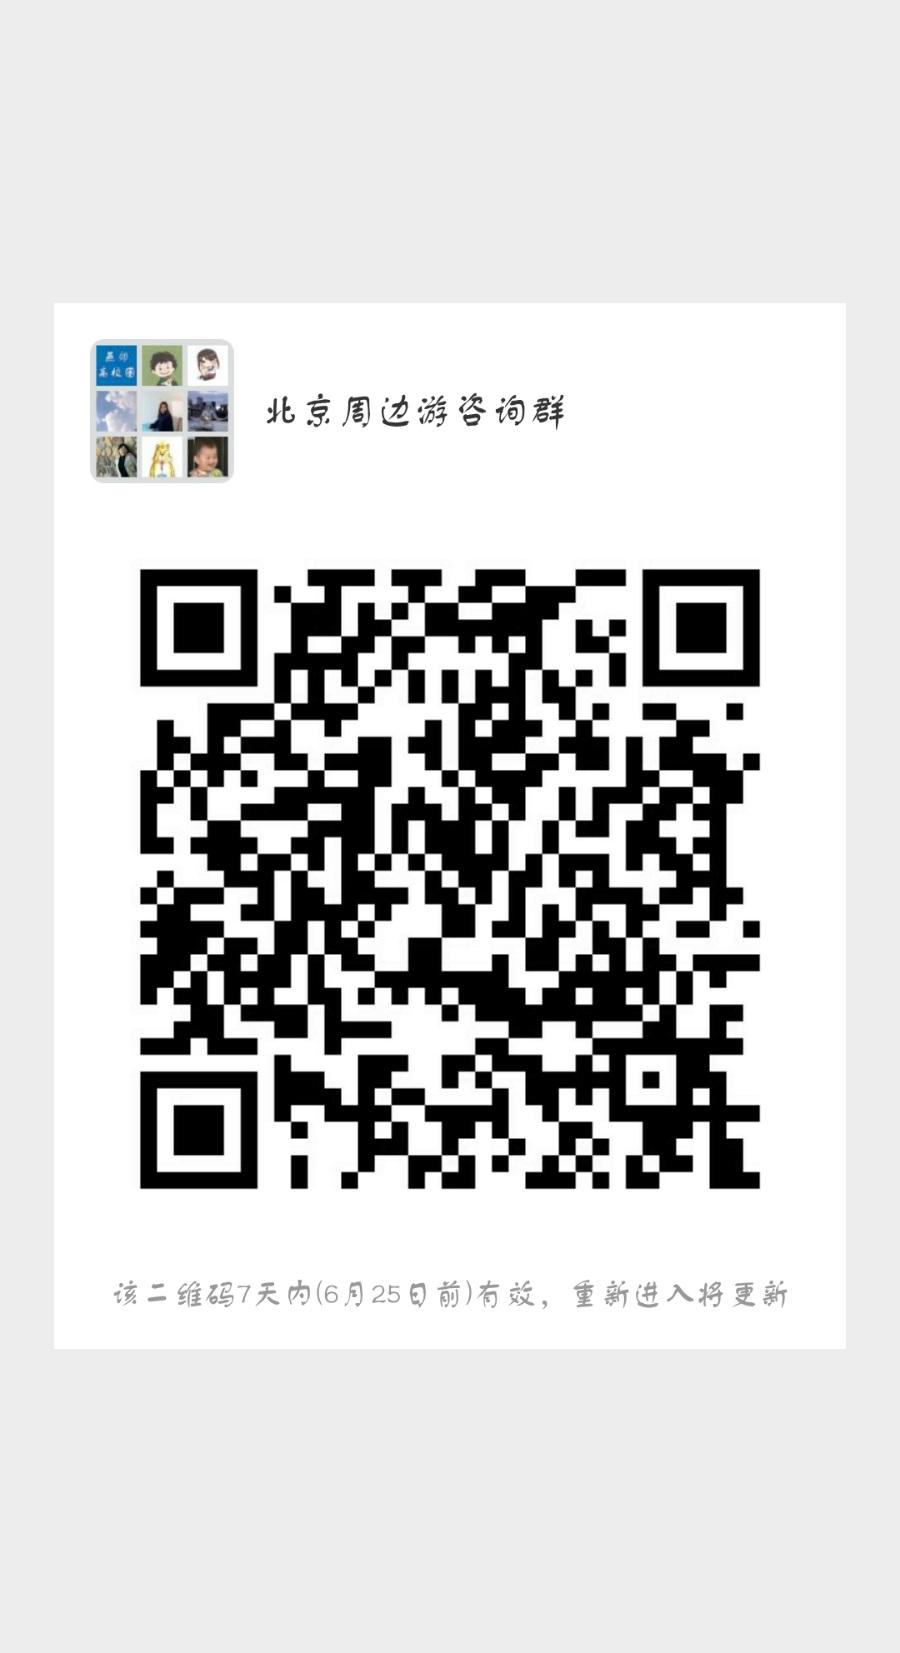 2019年6.20-6.23北京周边游路线表